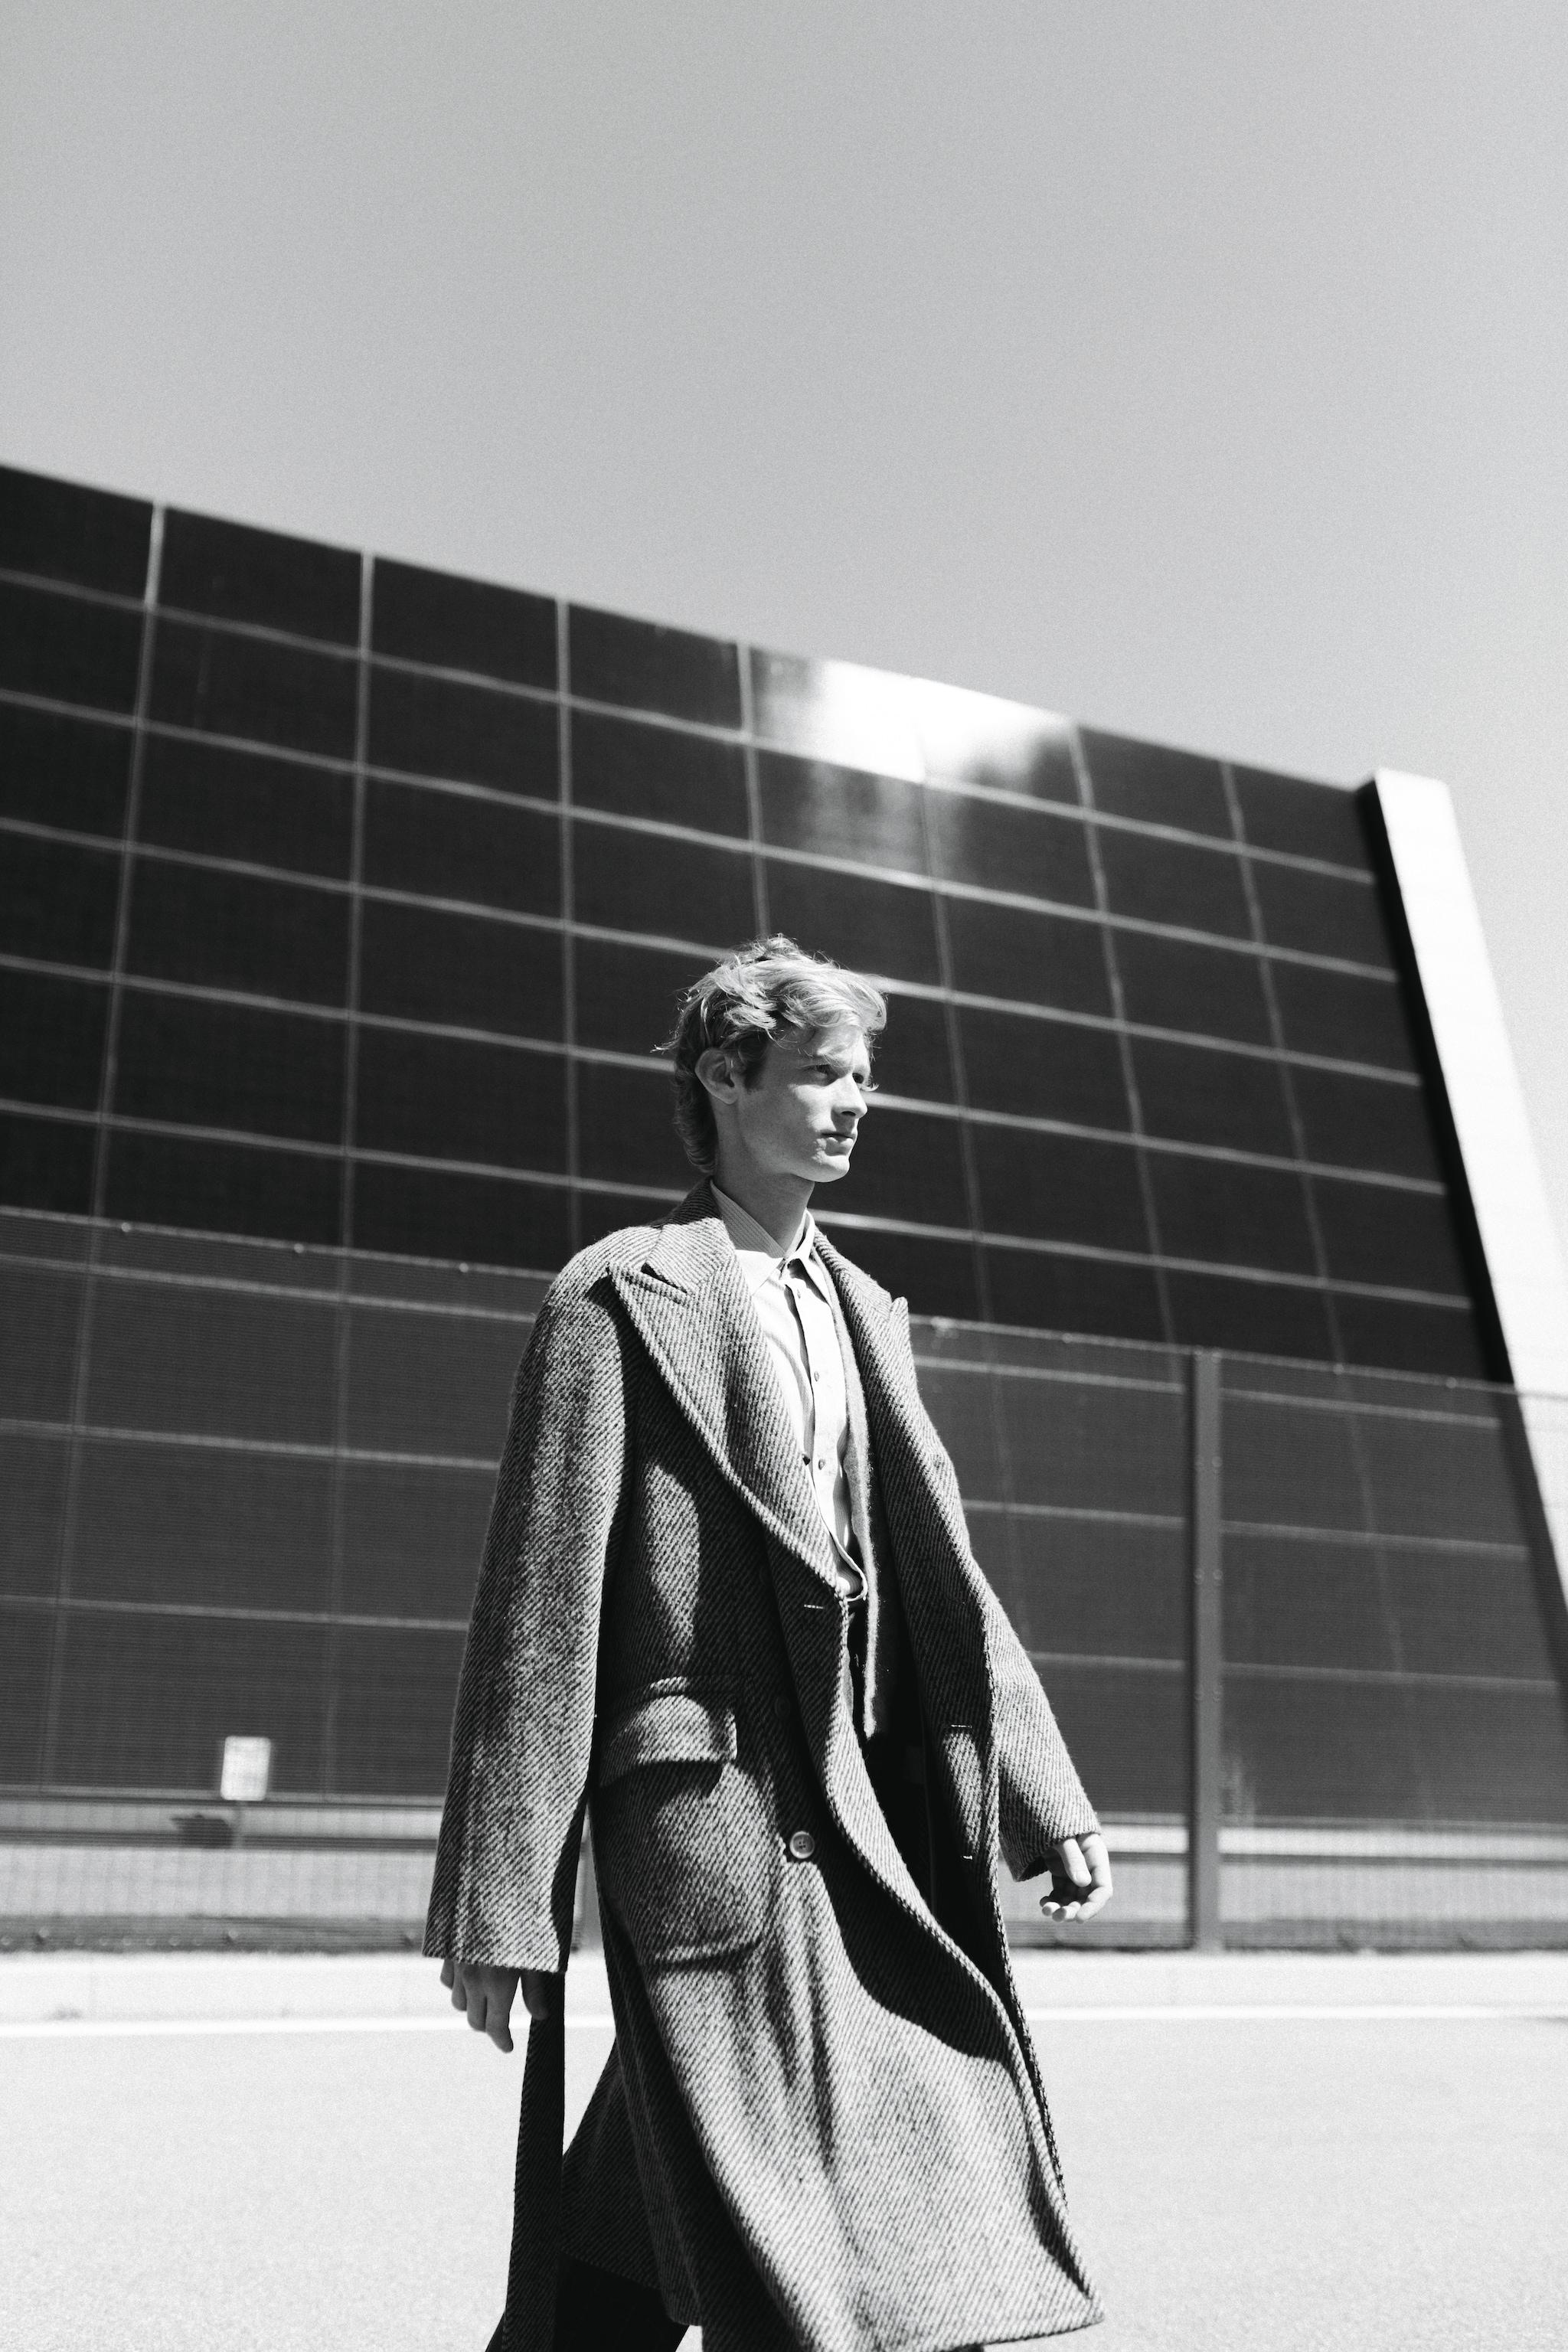 Cappotto in lana spigata con cintura in vita, cardigan in lana e camicia in cotone, Gucci.